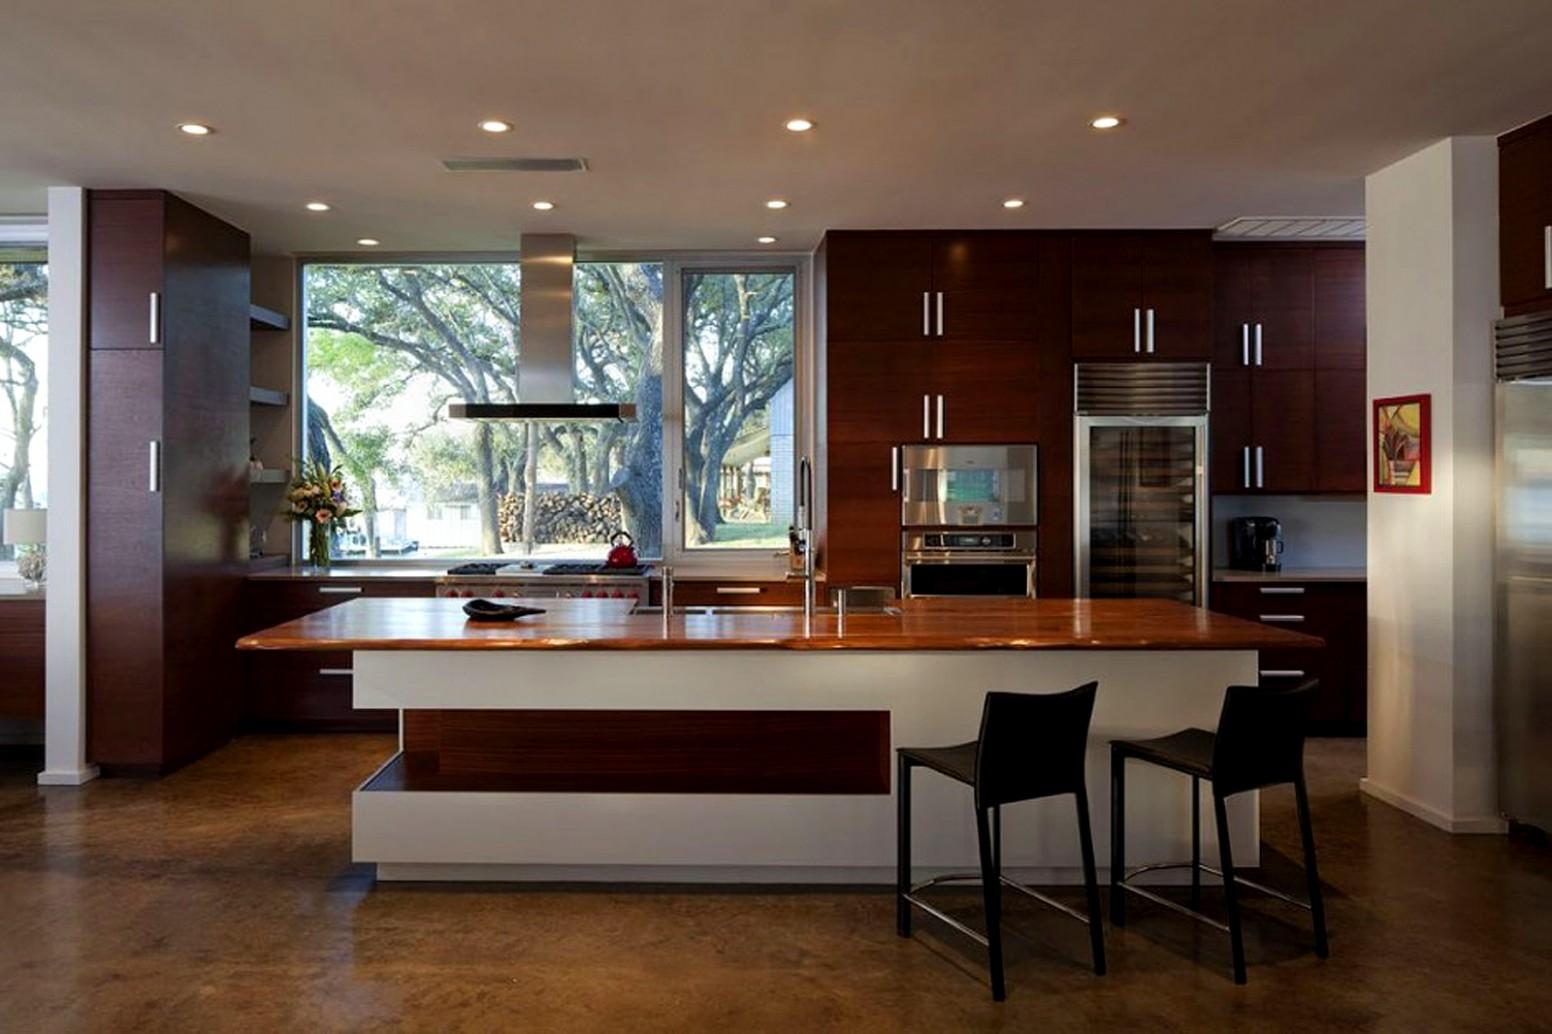 12 Modern Kitchen Design Ideas - Italian Kitchen Cabinets In Chicago